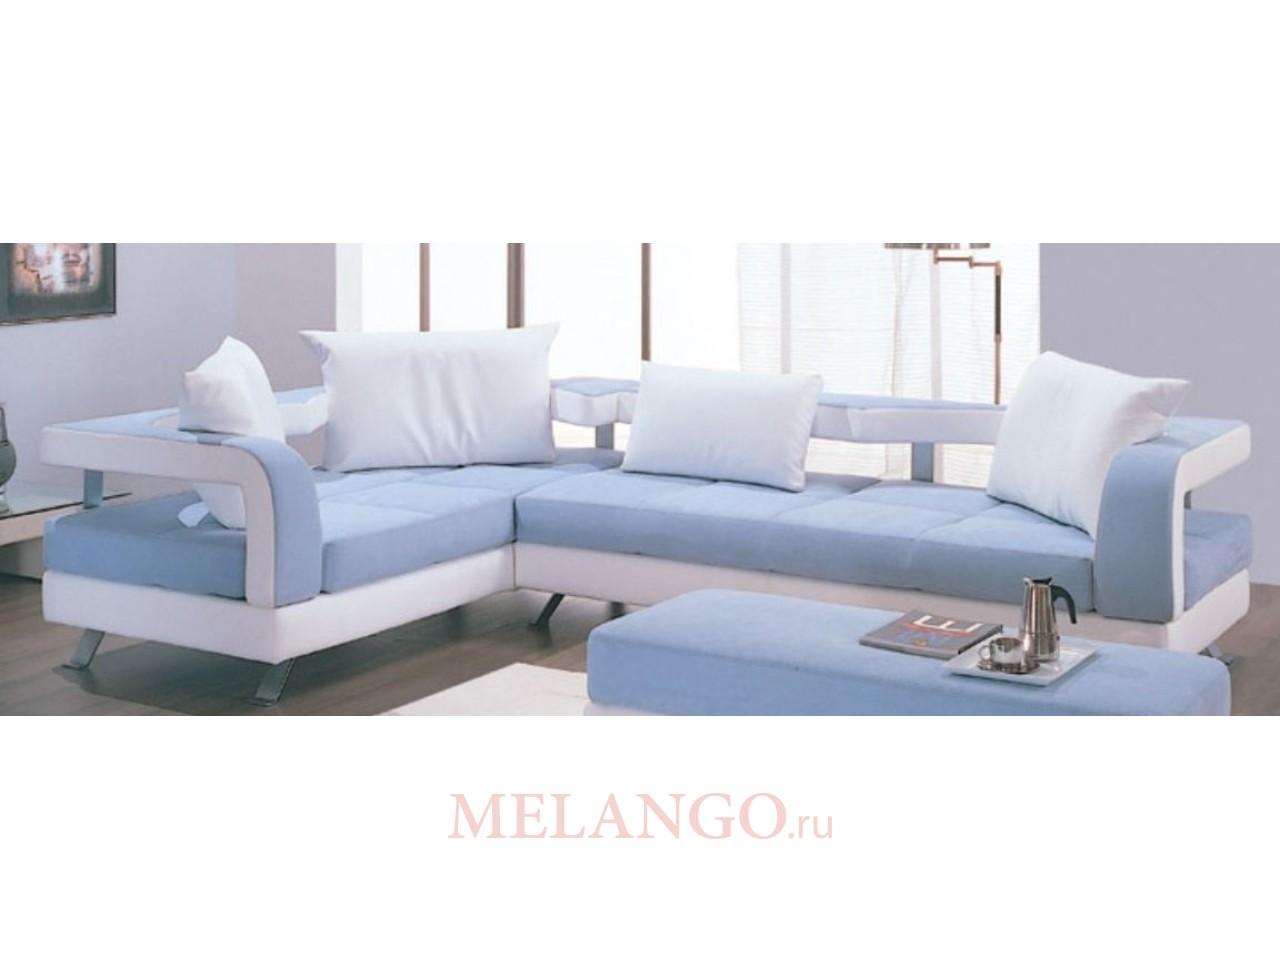 Угловой диван для отдыха Венеция 2